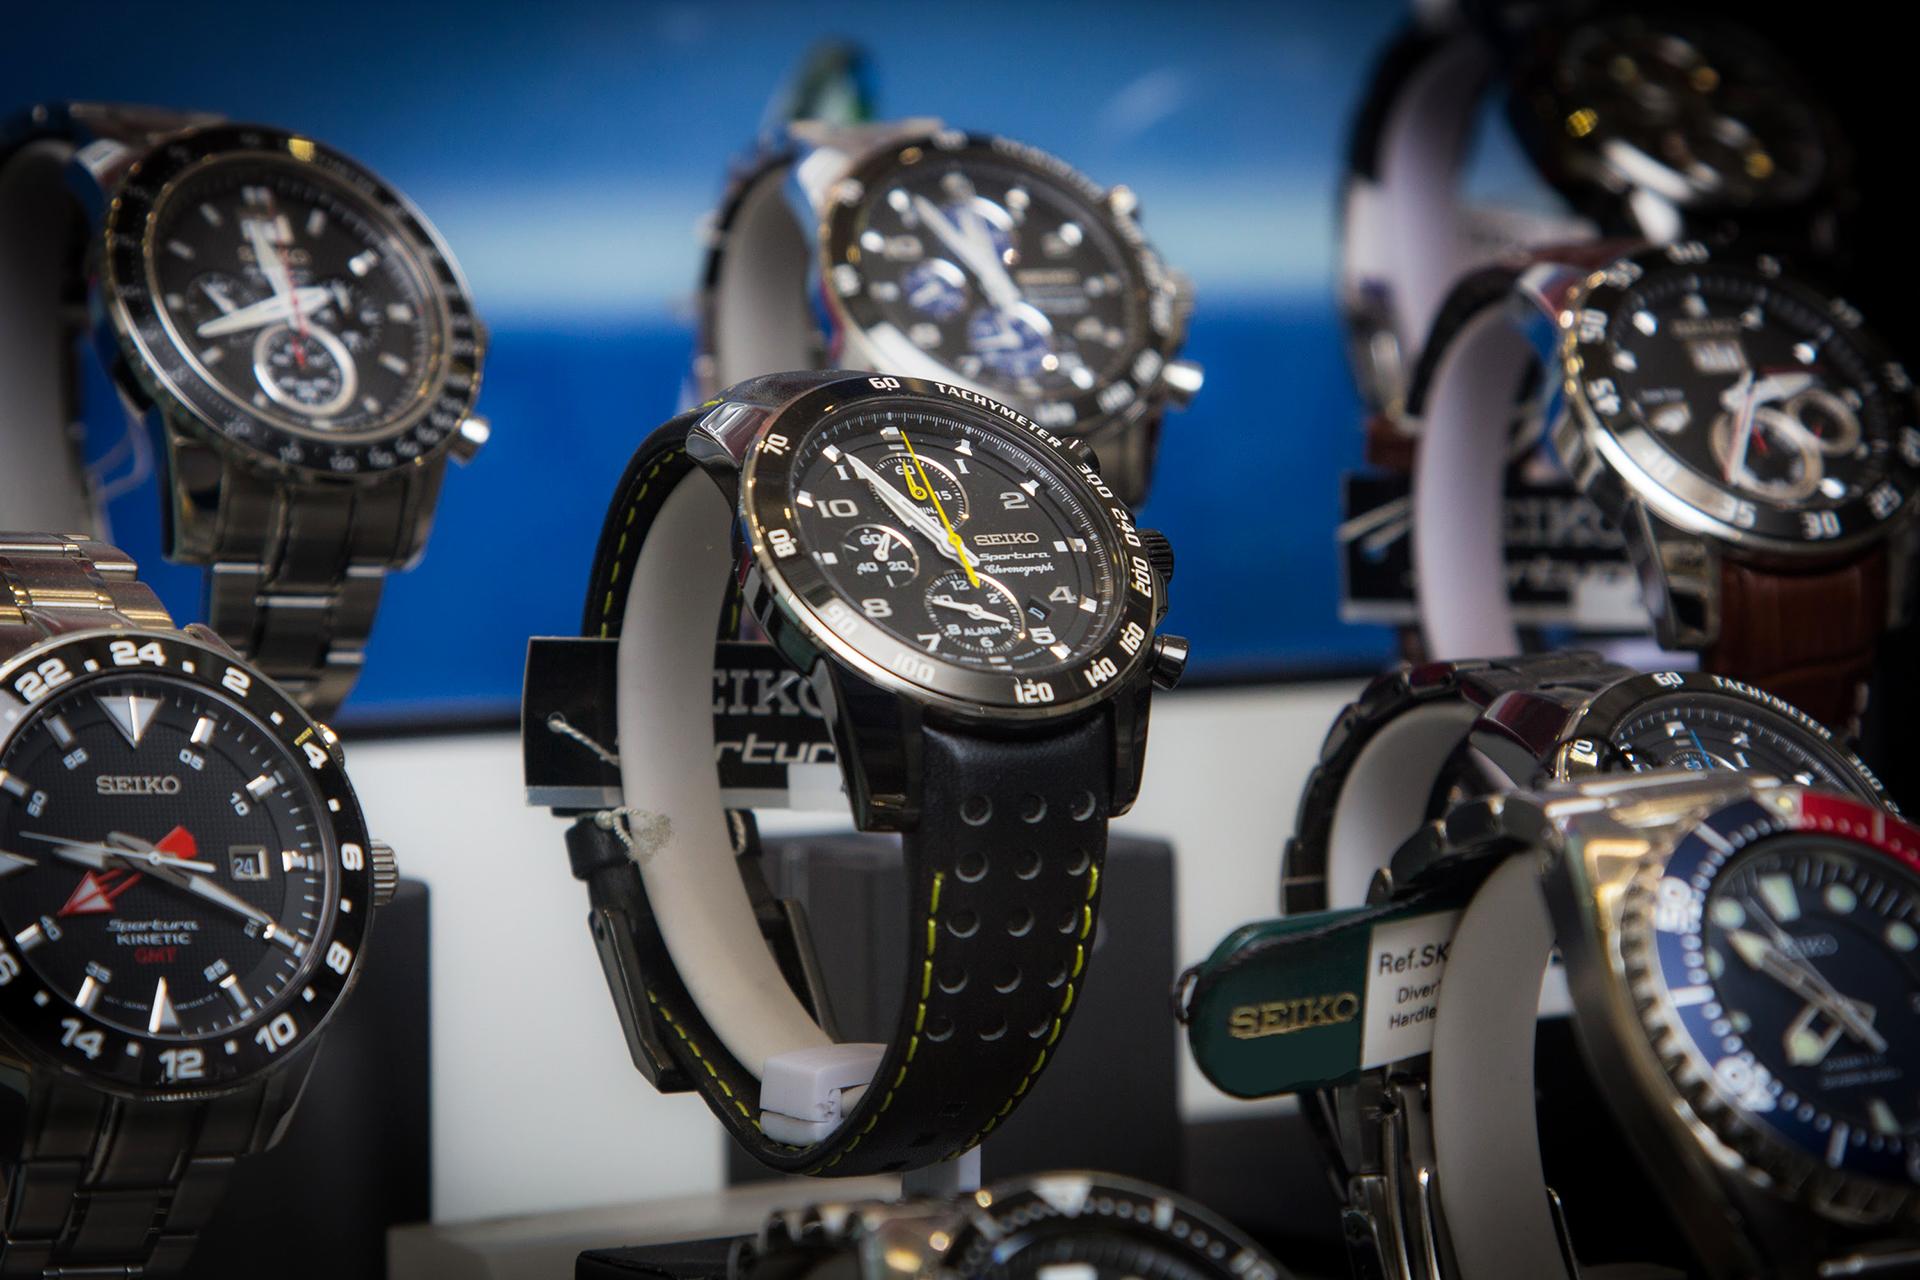 bijouterie-verneau-horlogerie-homme-la-garde-toulon-var-seiko-montre